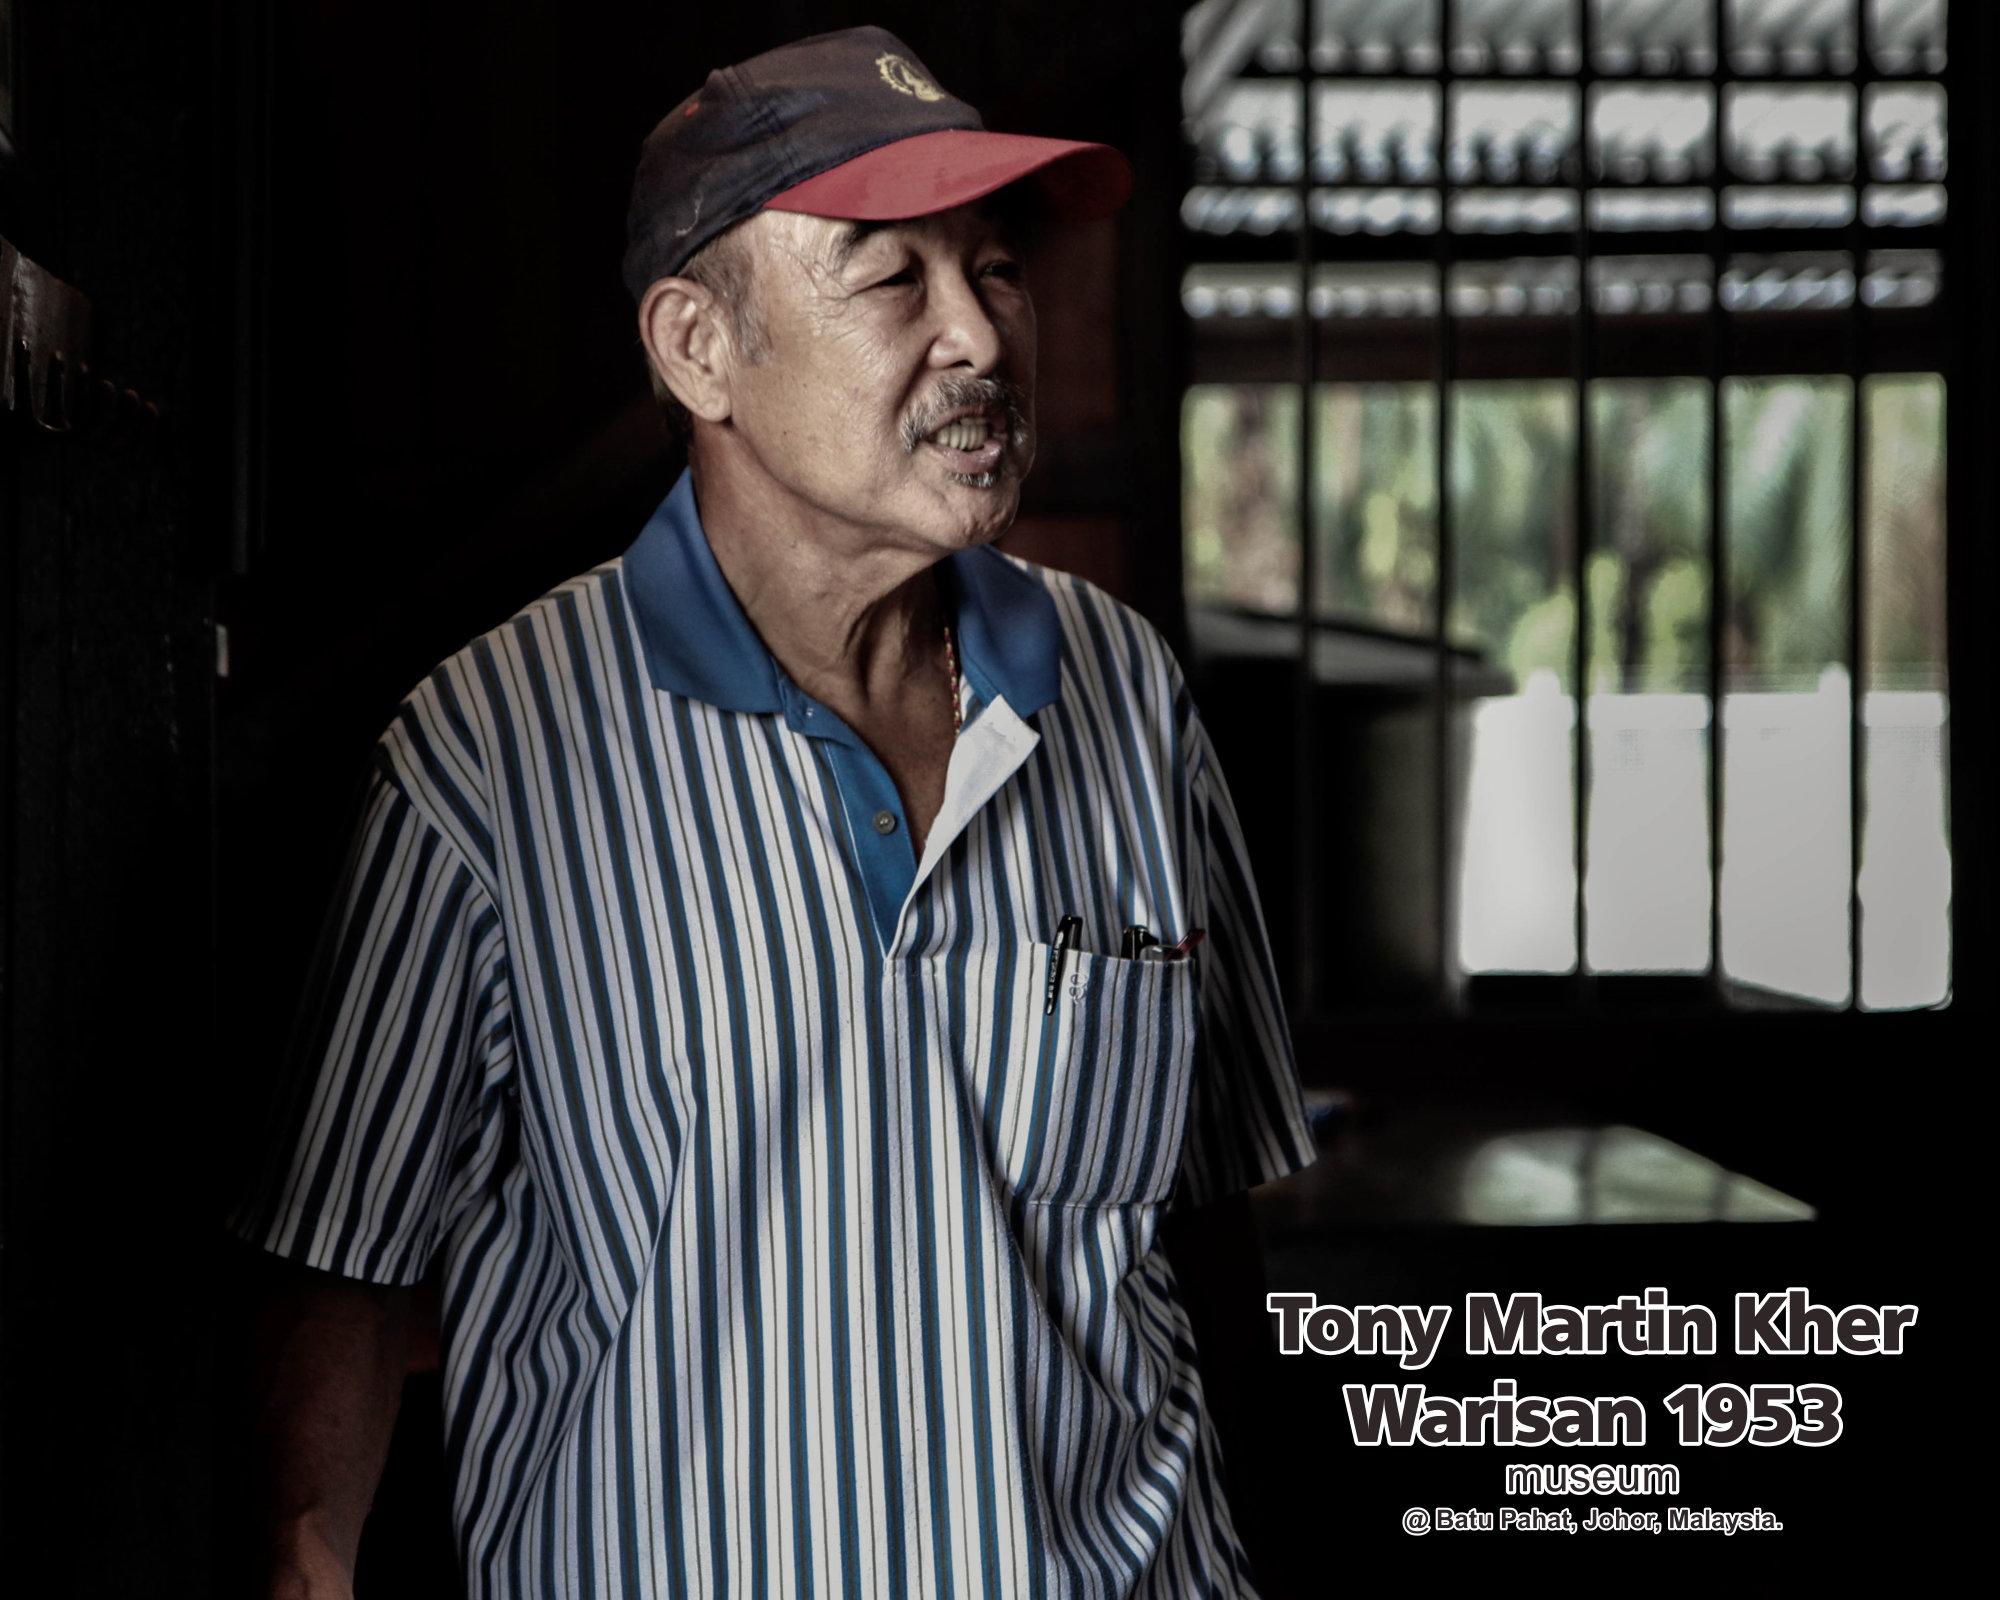 Tony Martin Kher founder of Warisan 1953 Museum at Batu Pahat Johor Malaysia Heritage 1953 Artist Joey Kher A27